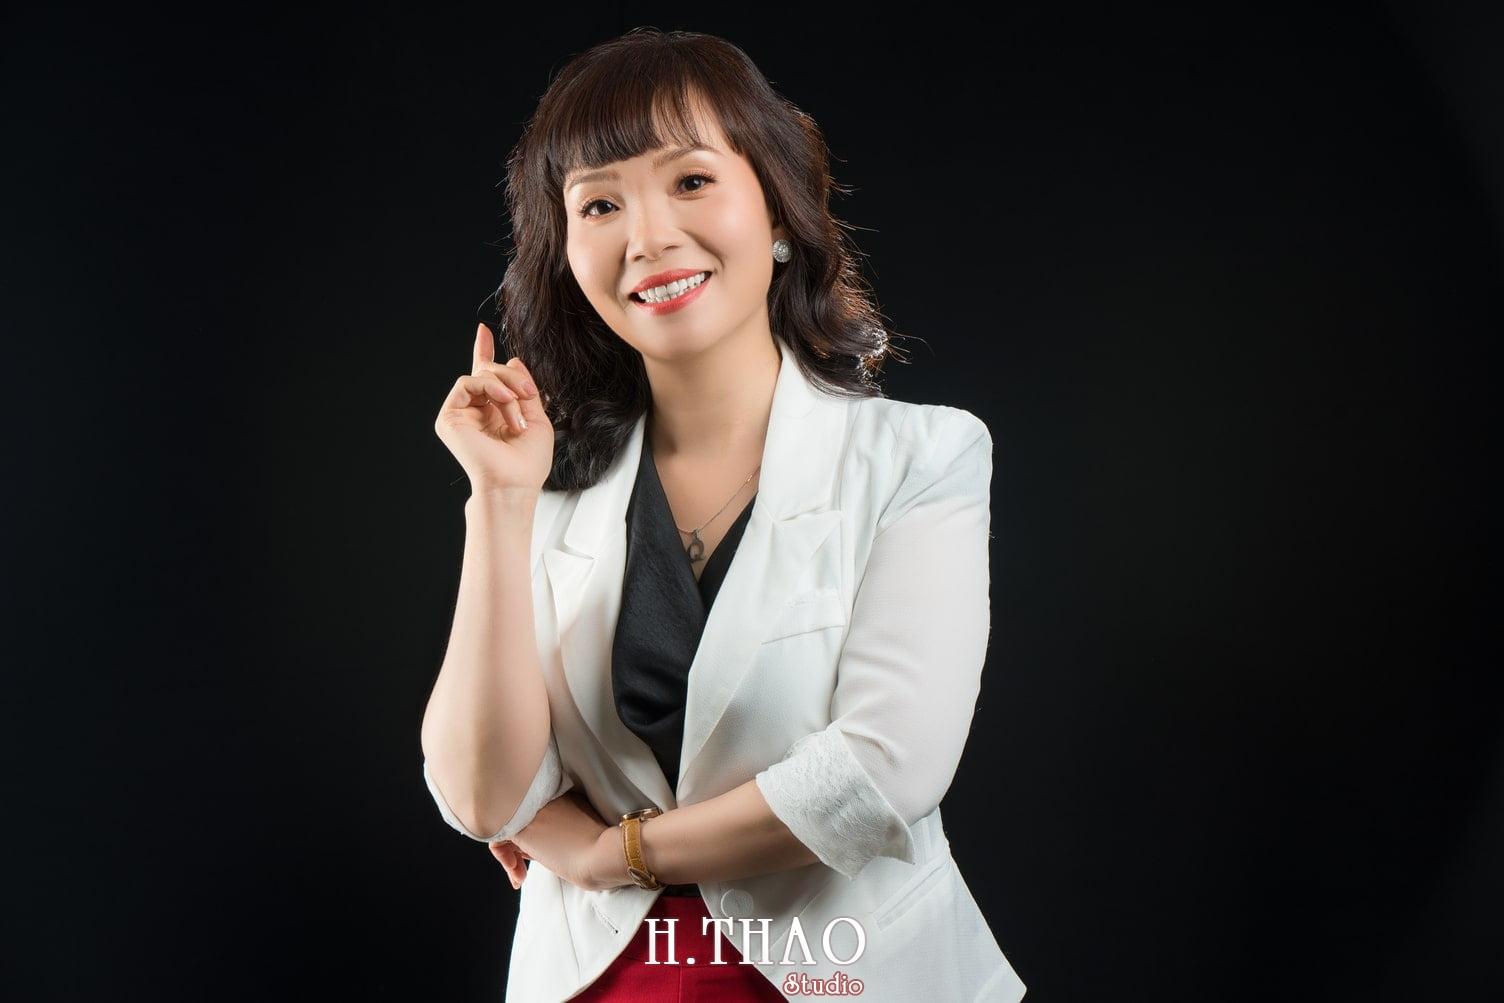 Chi Quynh 1 - Bộ ảnh Doanh nhân, Tiến sĩ V.T.B Quỳnh đẹp, sang trọng - HThao Studio